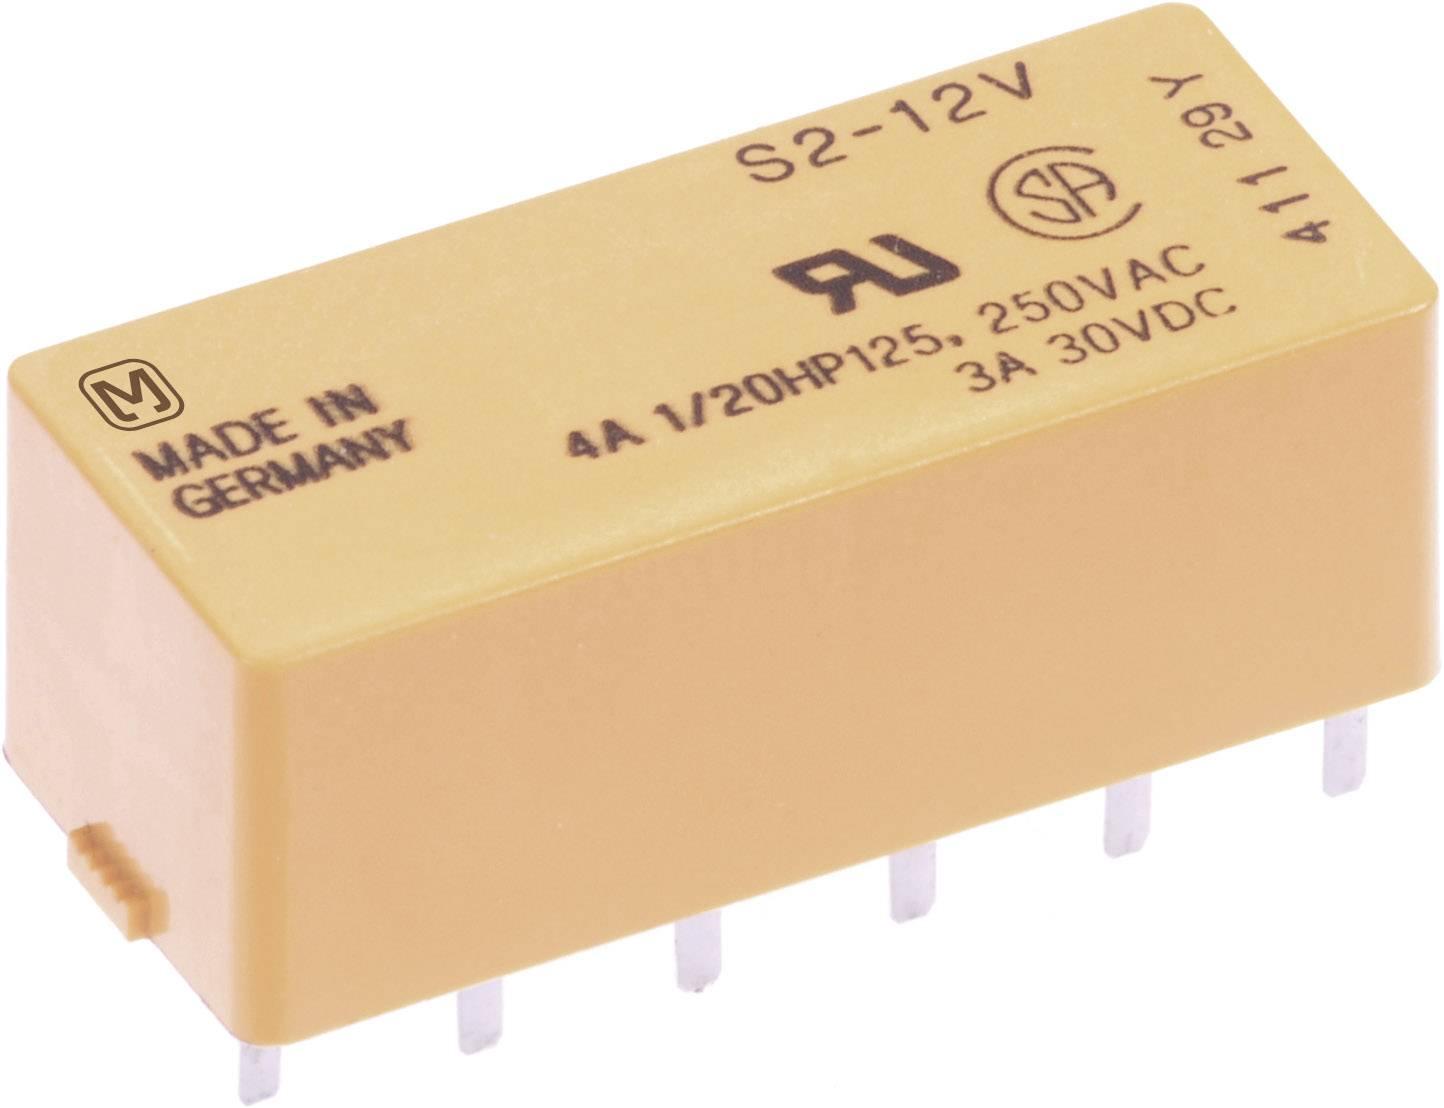 Výkonové relé S 4 A, Print Panasonic S424, S424, 202 mW, 4 A, (DC) 3 A/(AC) 4 A , 30 V/DC/250 V/AC 90 W/1000 VA